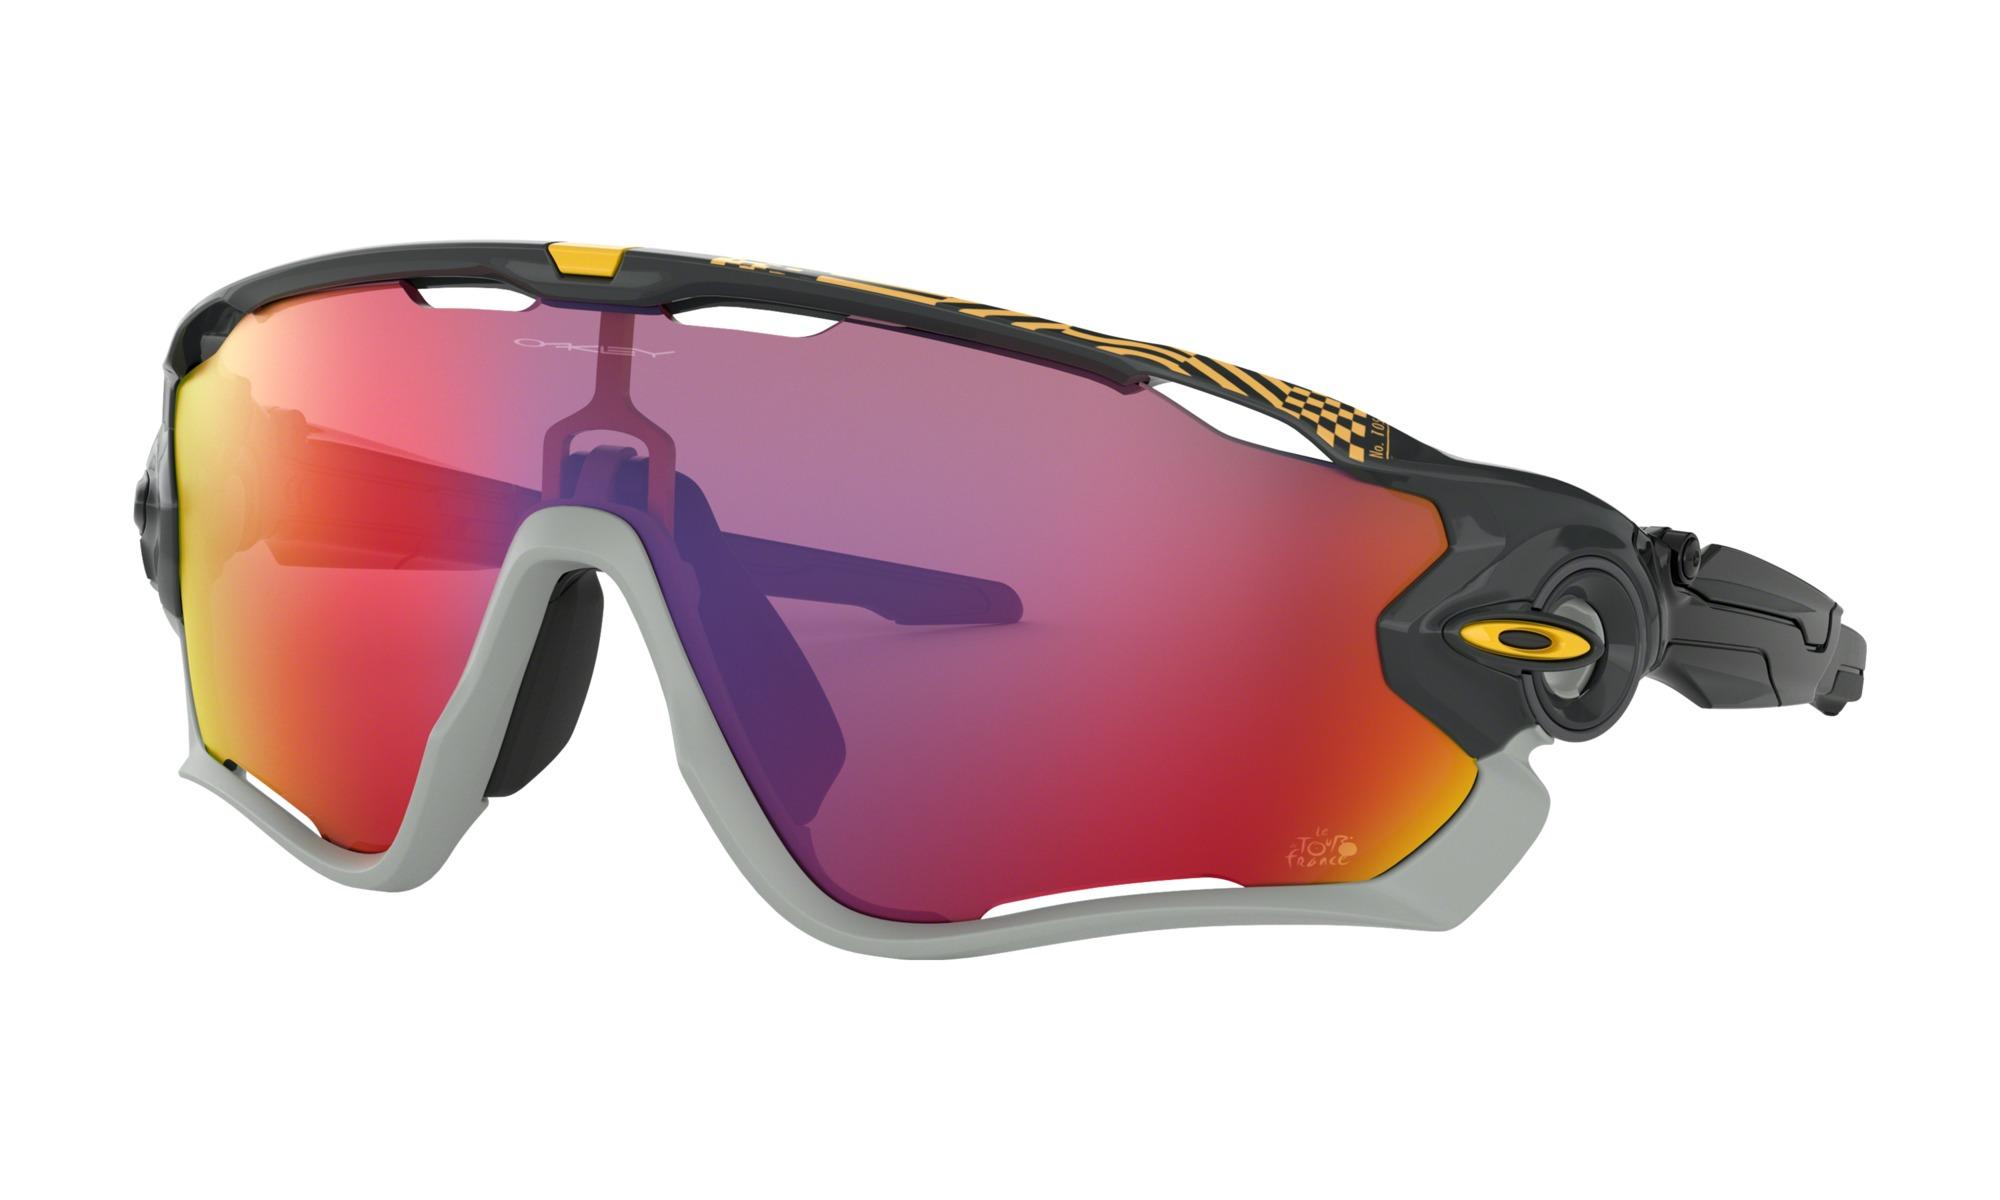 Sunglasses Nouvelle Marque Shop Tranzport Oakley PkOZuiX